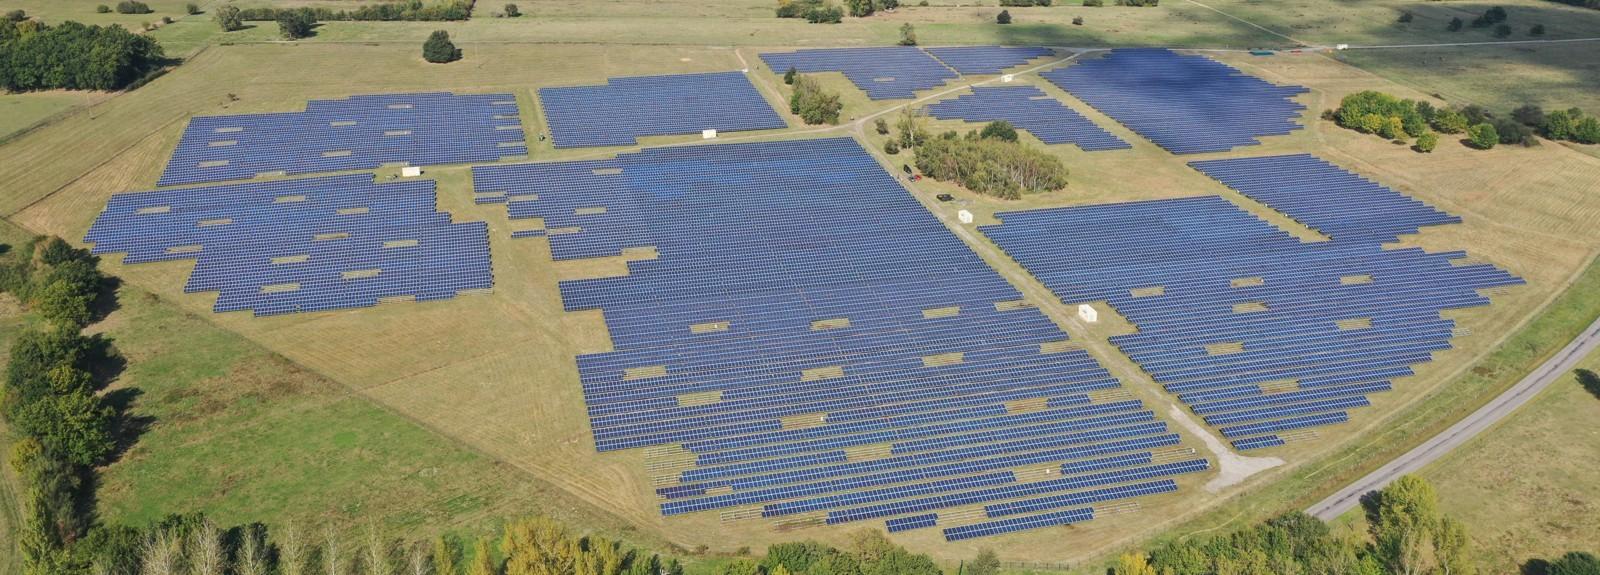 Centrales photovoltaïques au sol